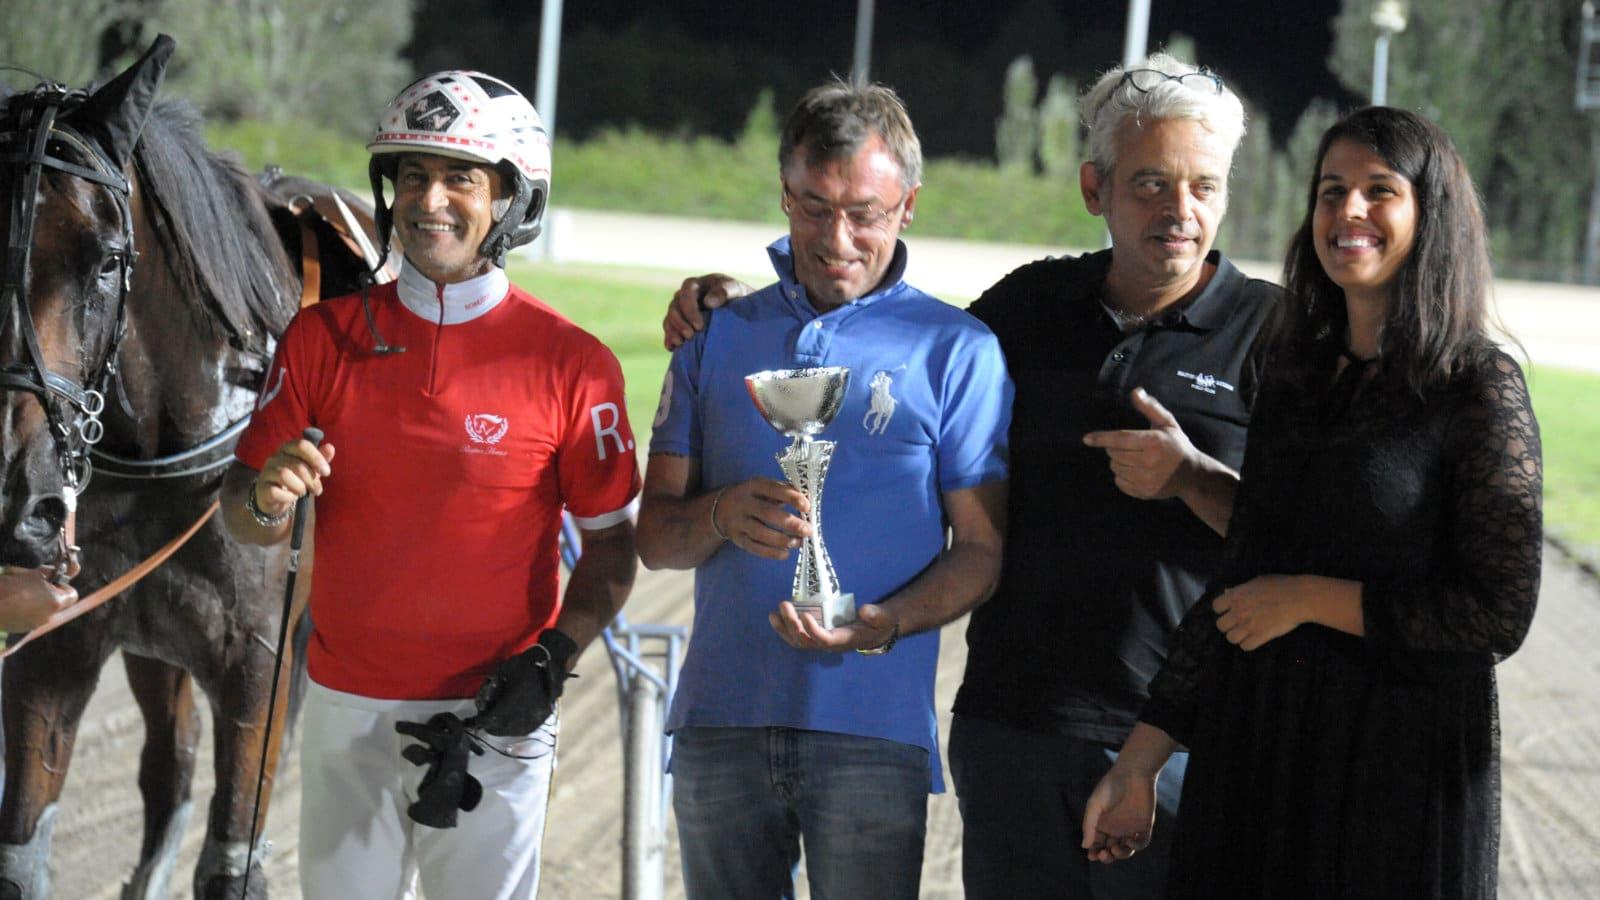 2019-07-29-corsa-5-02